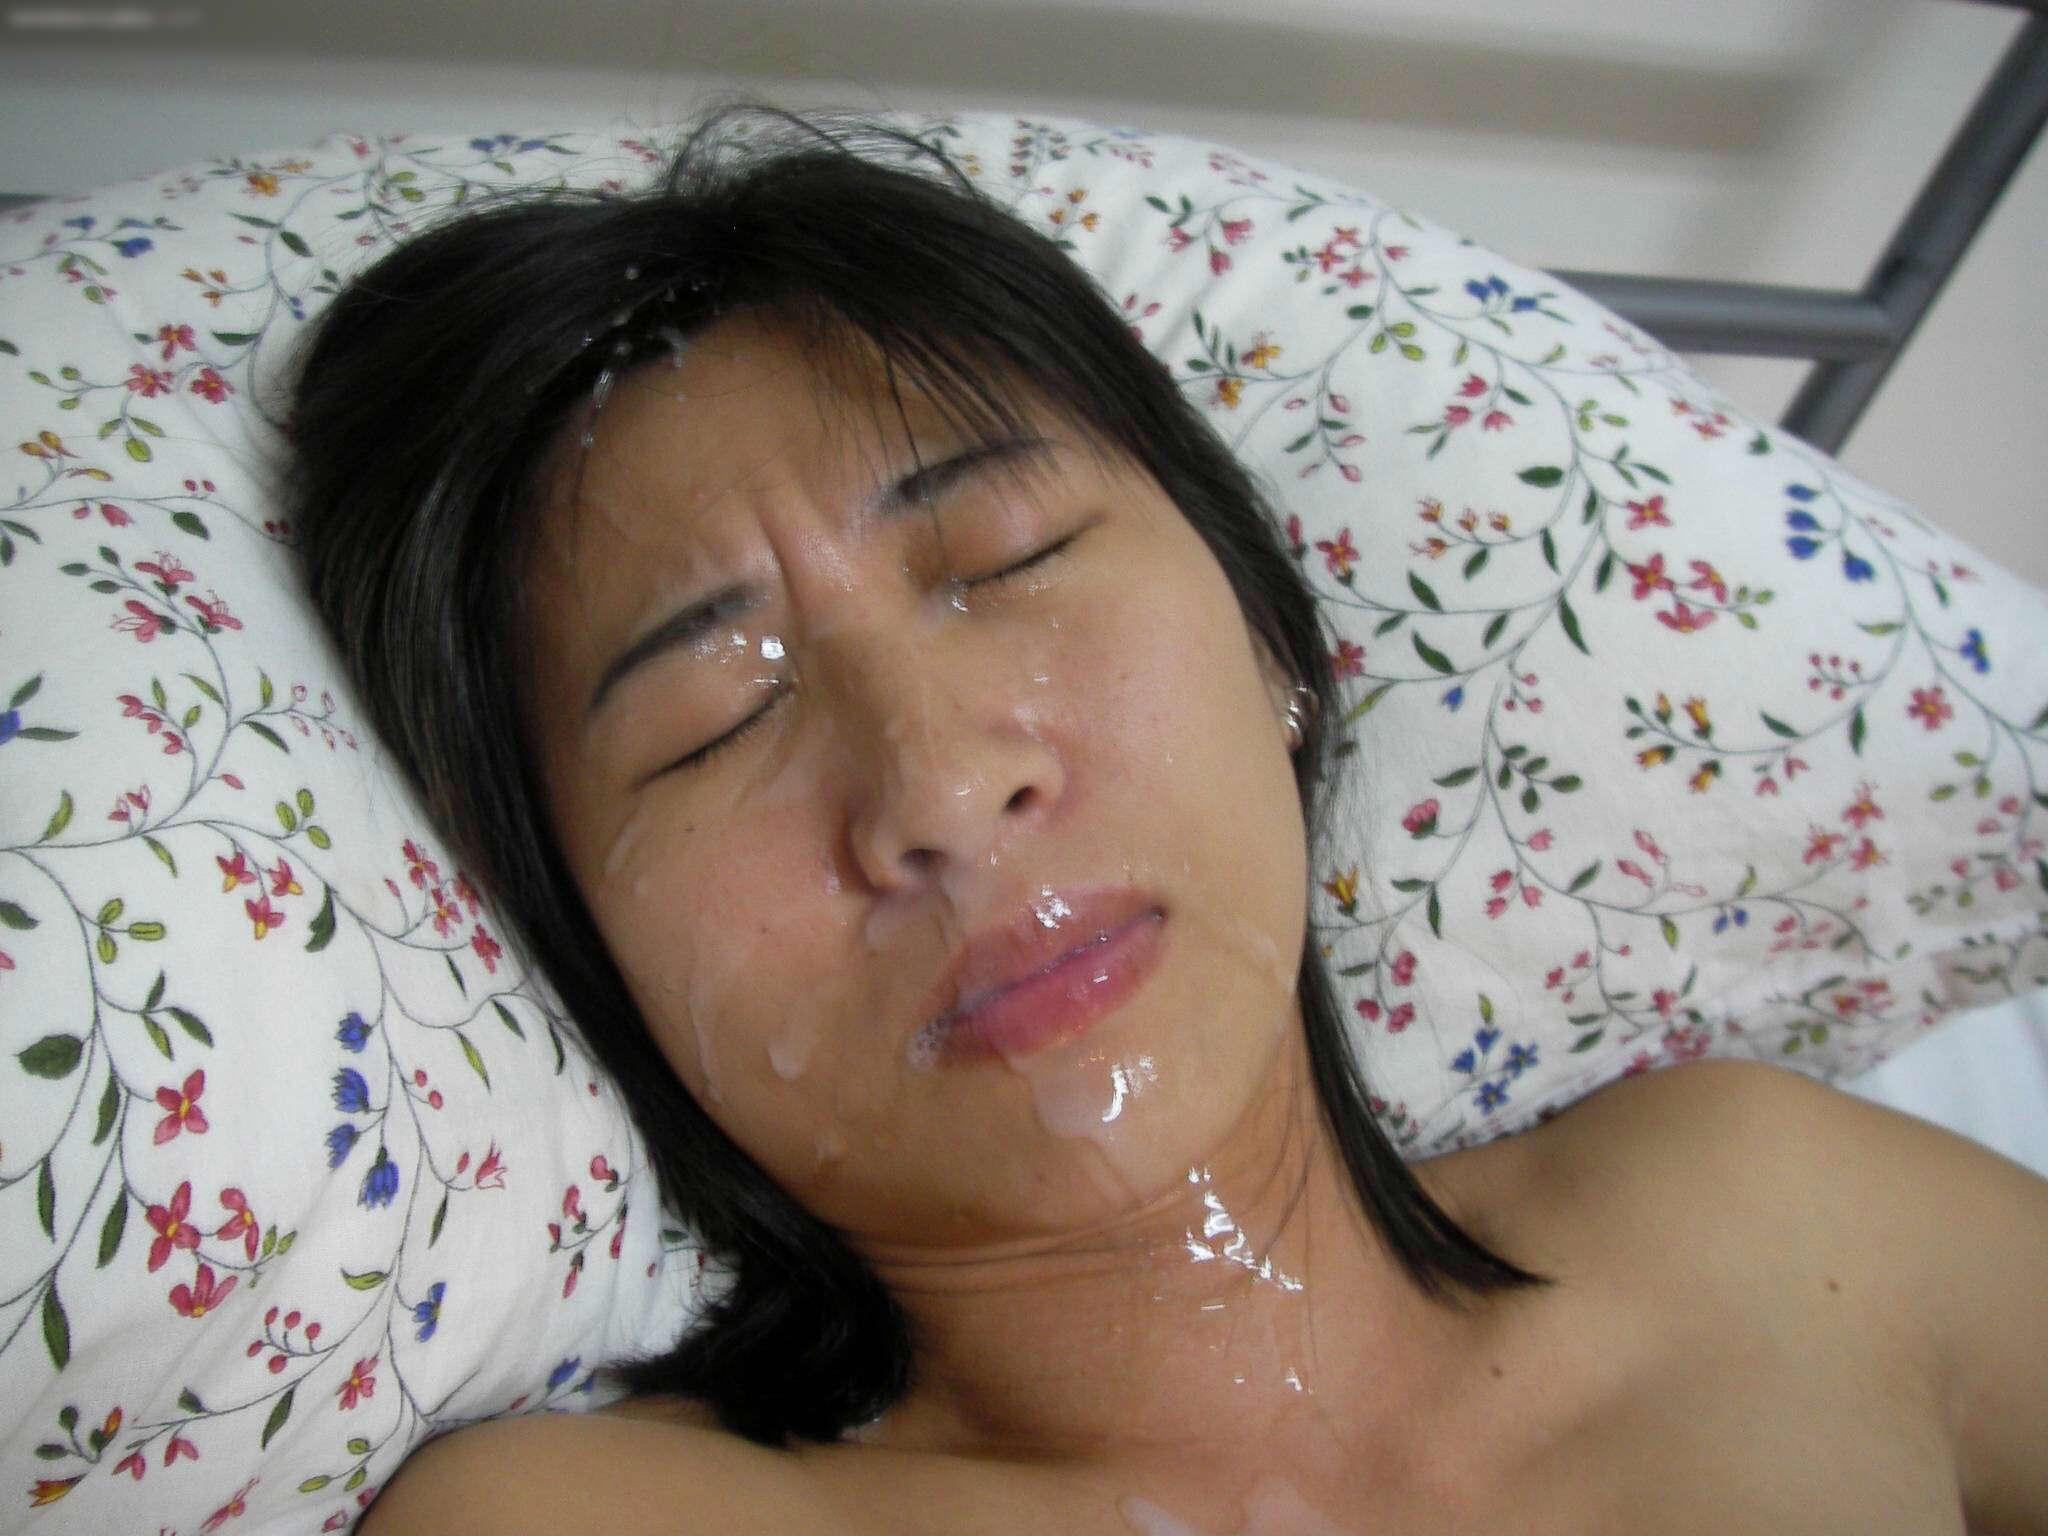 ザーメンをぶっかけられて顔全体が汚れてる!